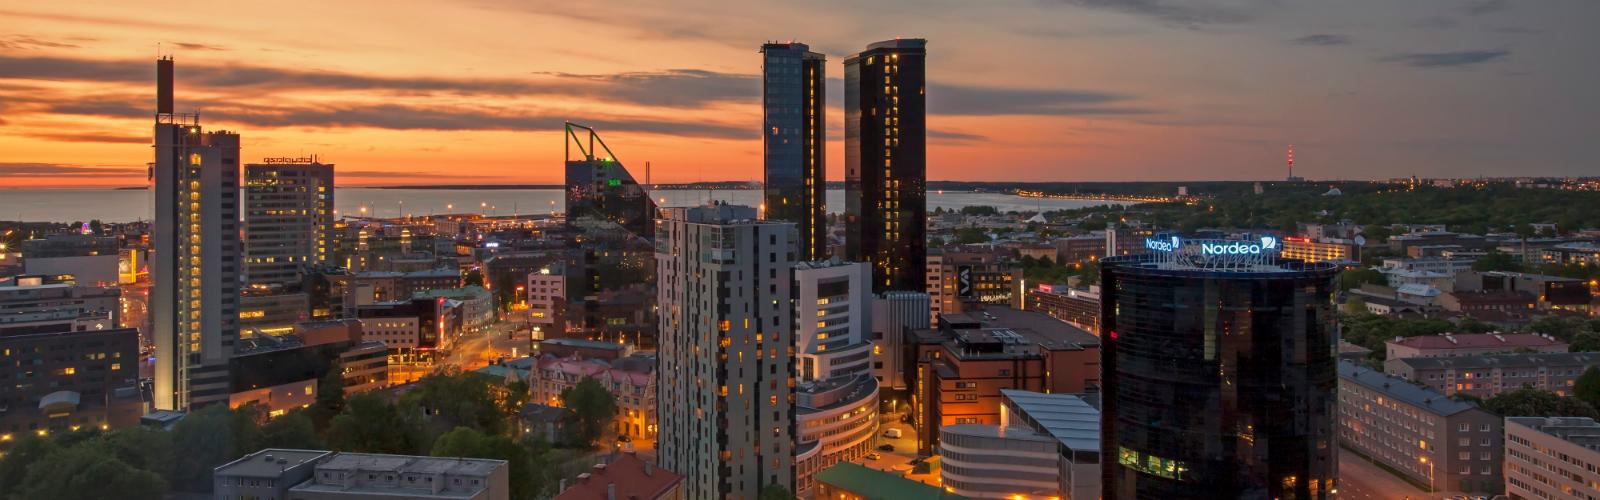 De beste Hotels in Estland